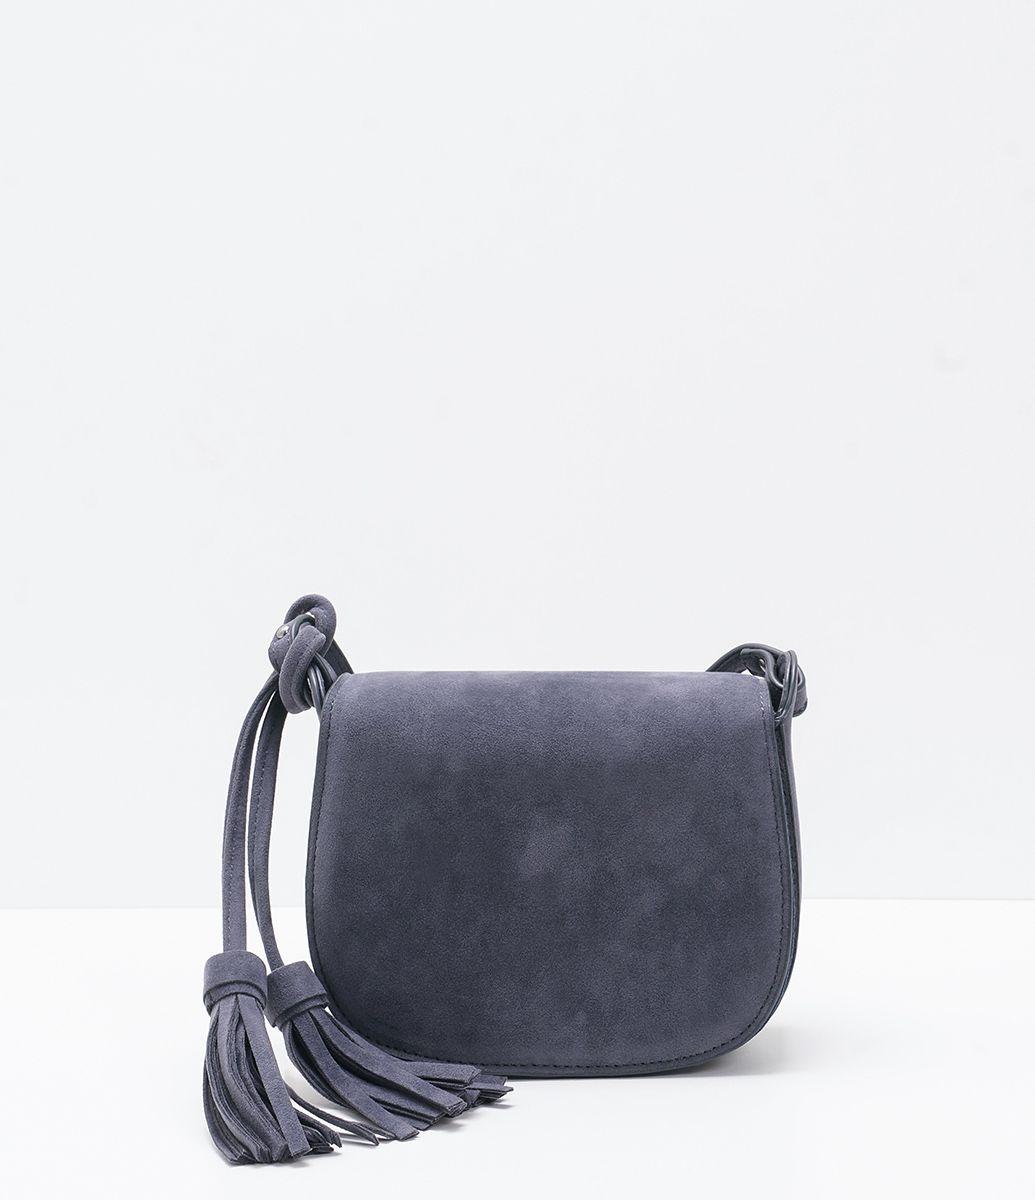 8ab661b67 Bolsa feminina Modelo transversal Com tassel Marca: Satinato Material:  sintético Composição: 100%